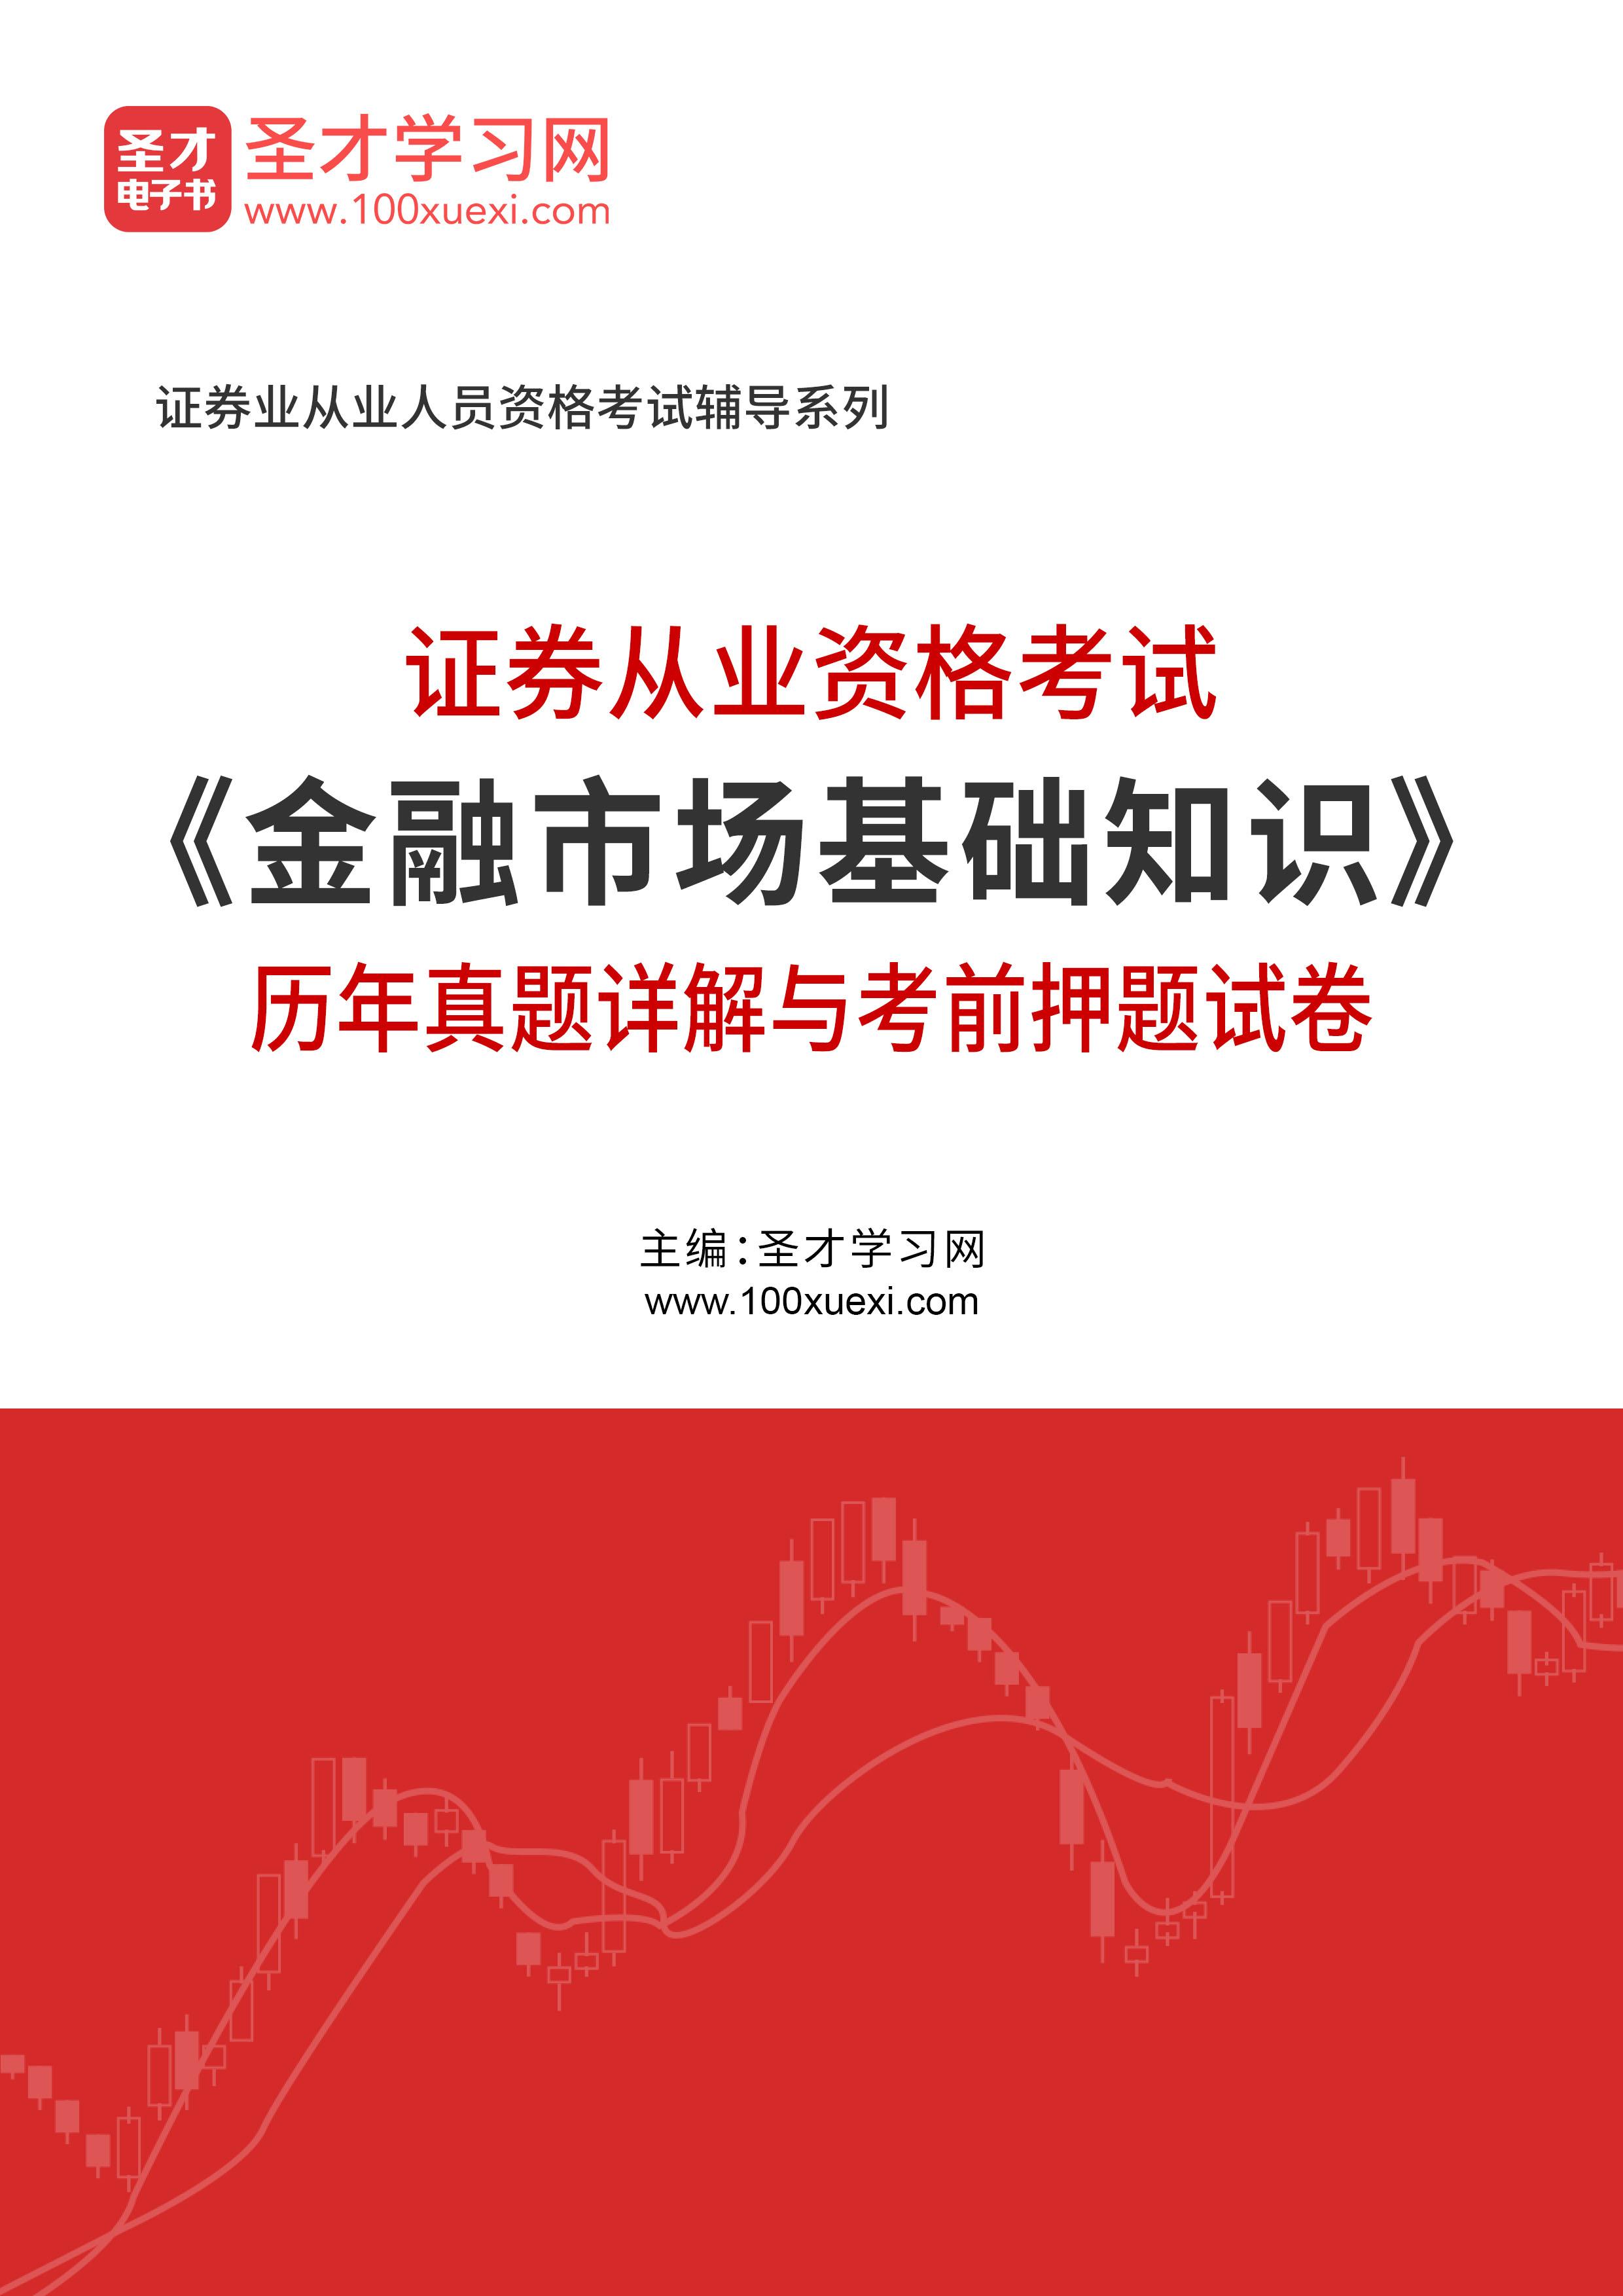 2019年证券从业资格考试《金融市场基础知识》历年真题详解与考前押题试卷